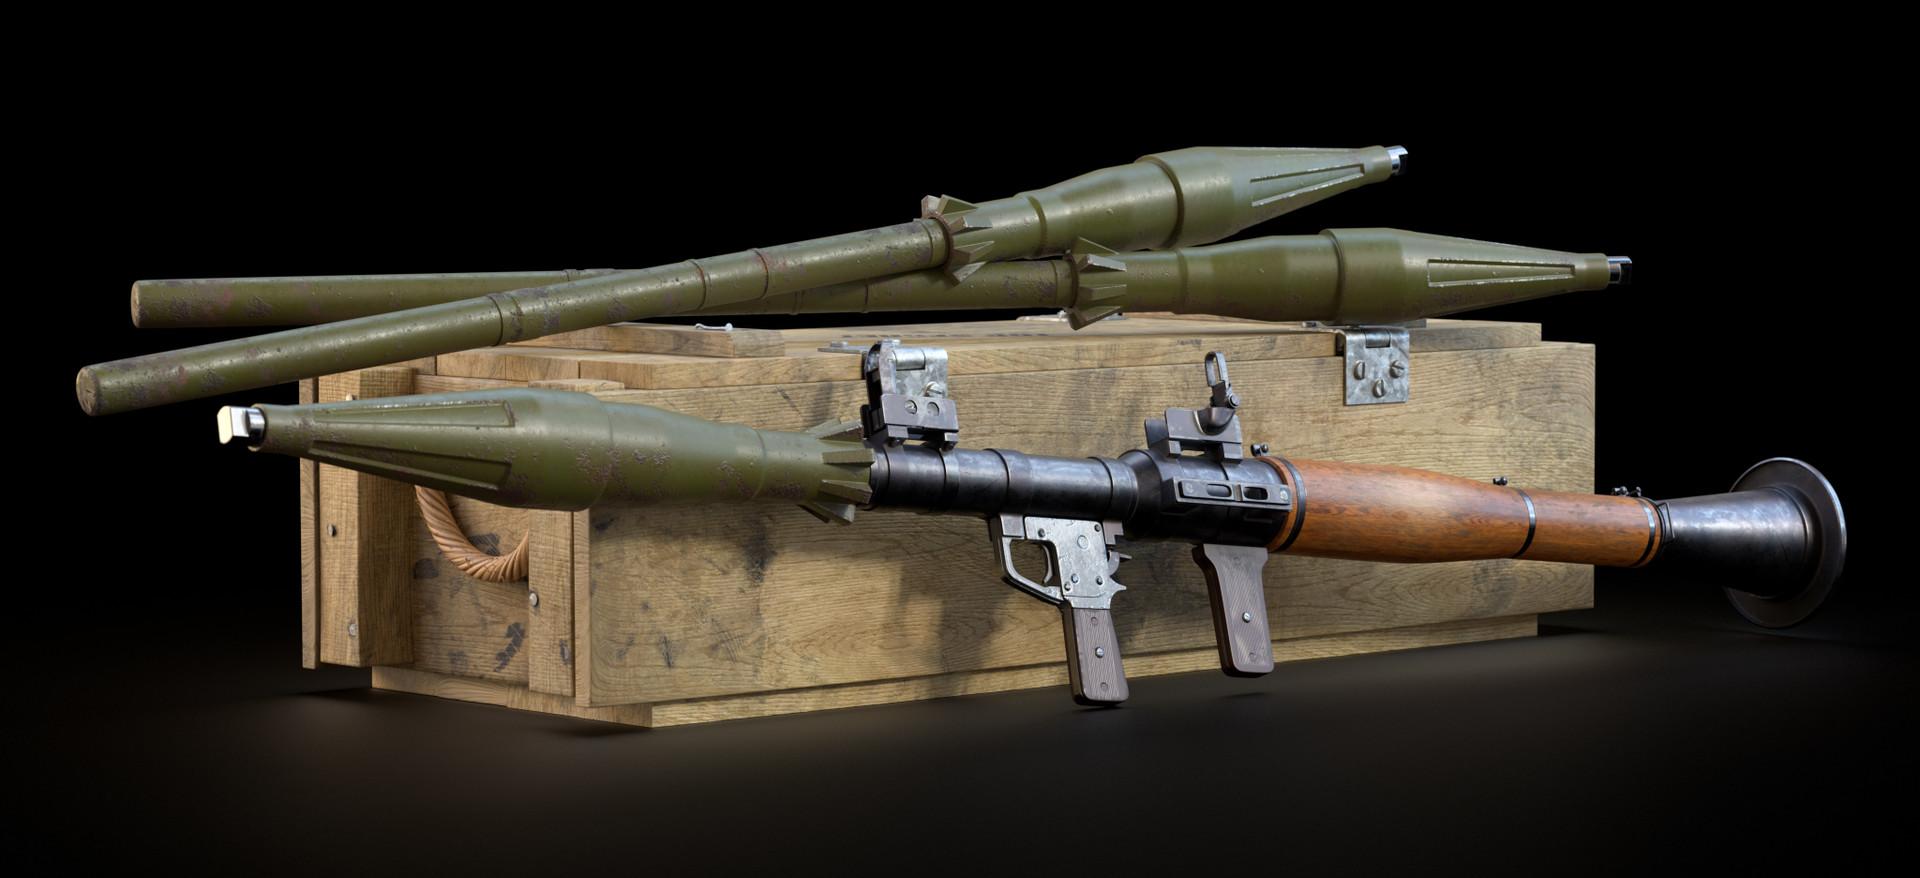 Dawid cencora bazooka3